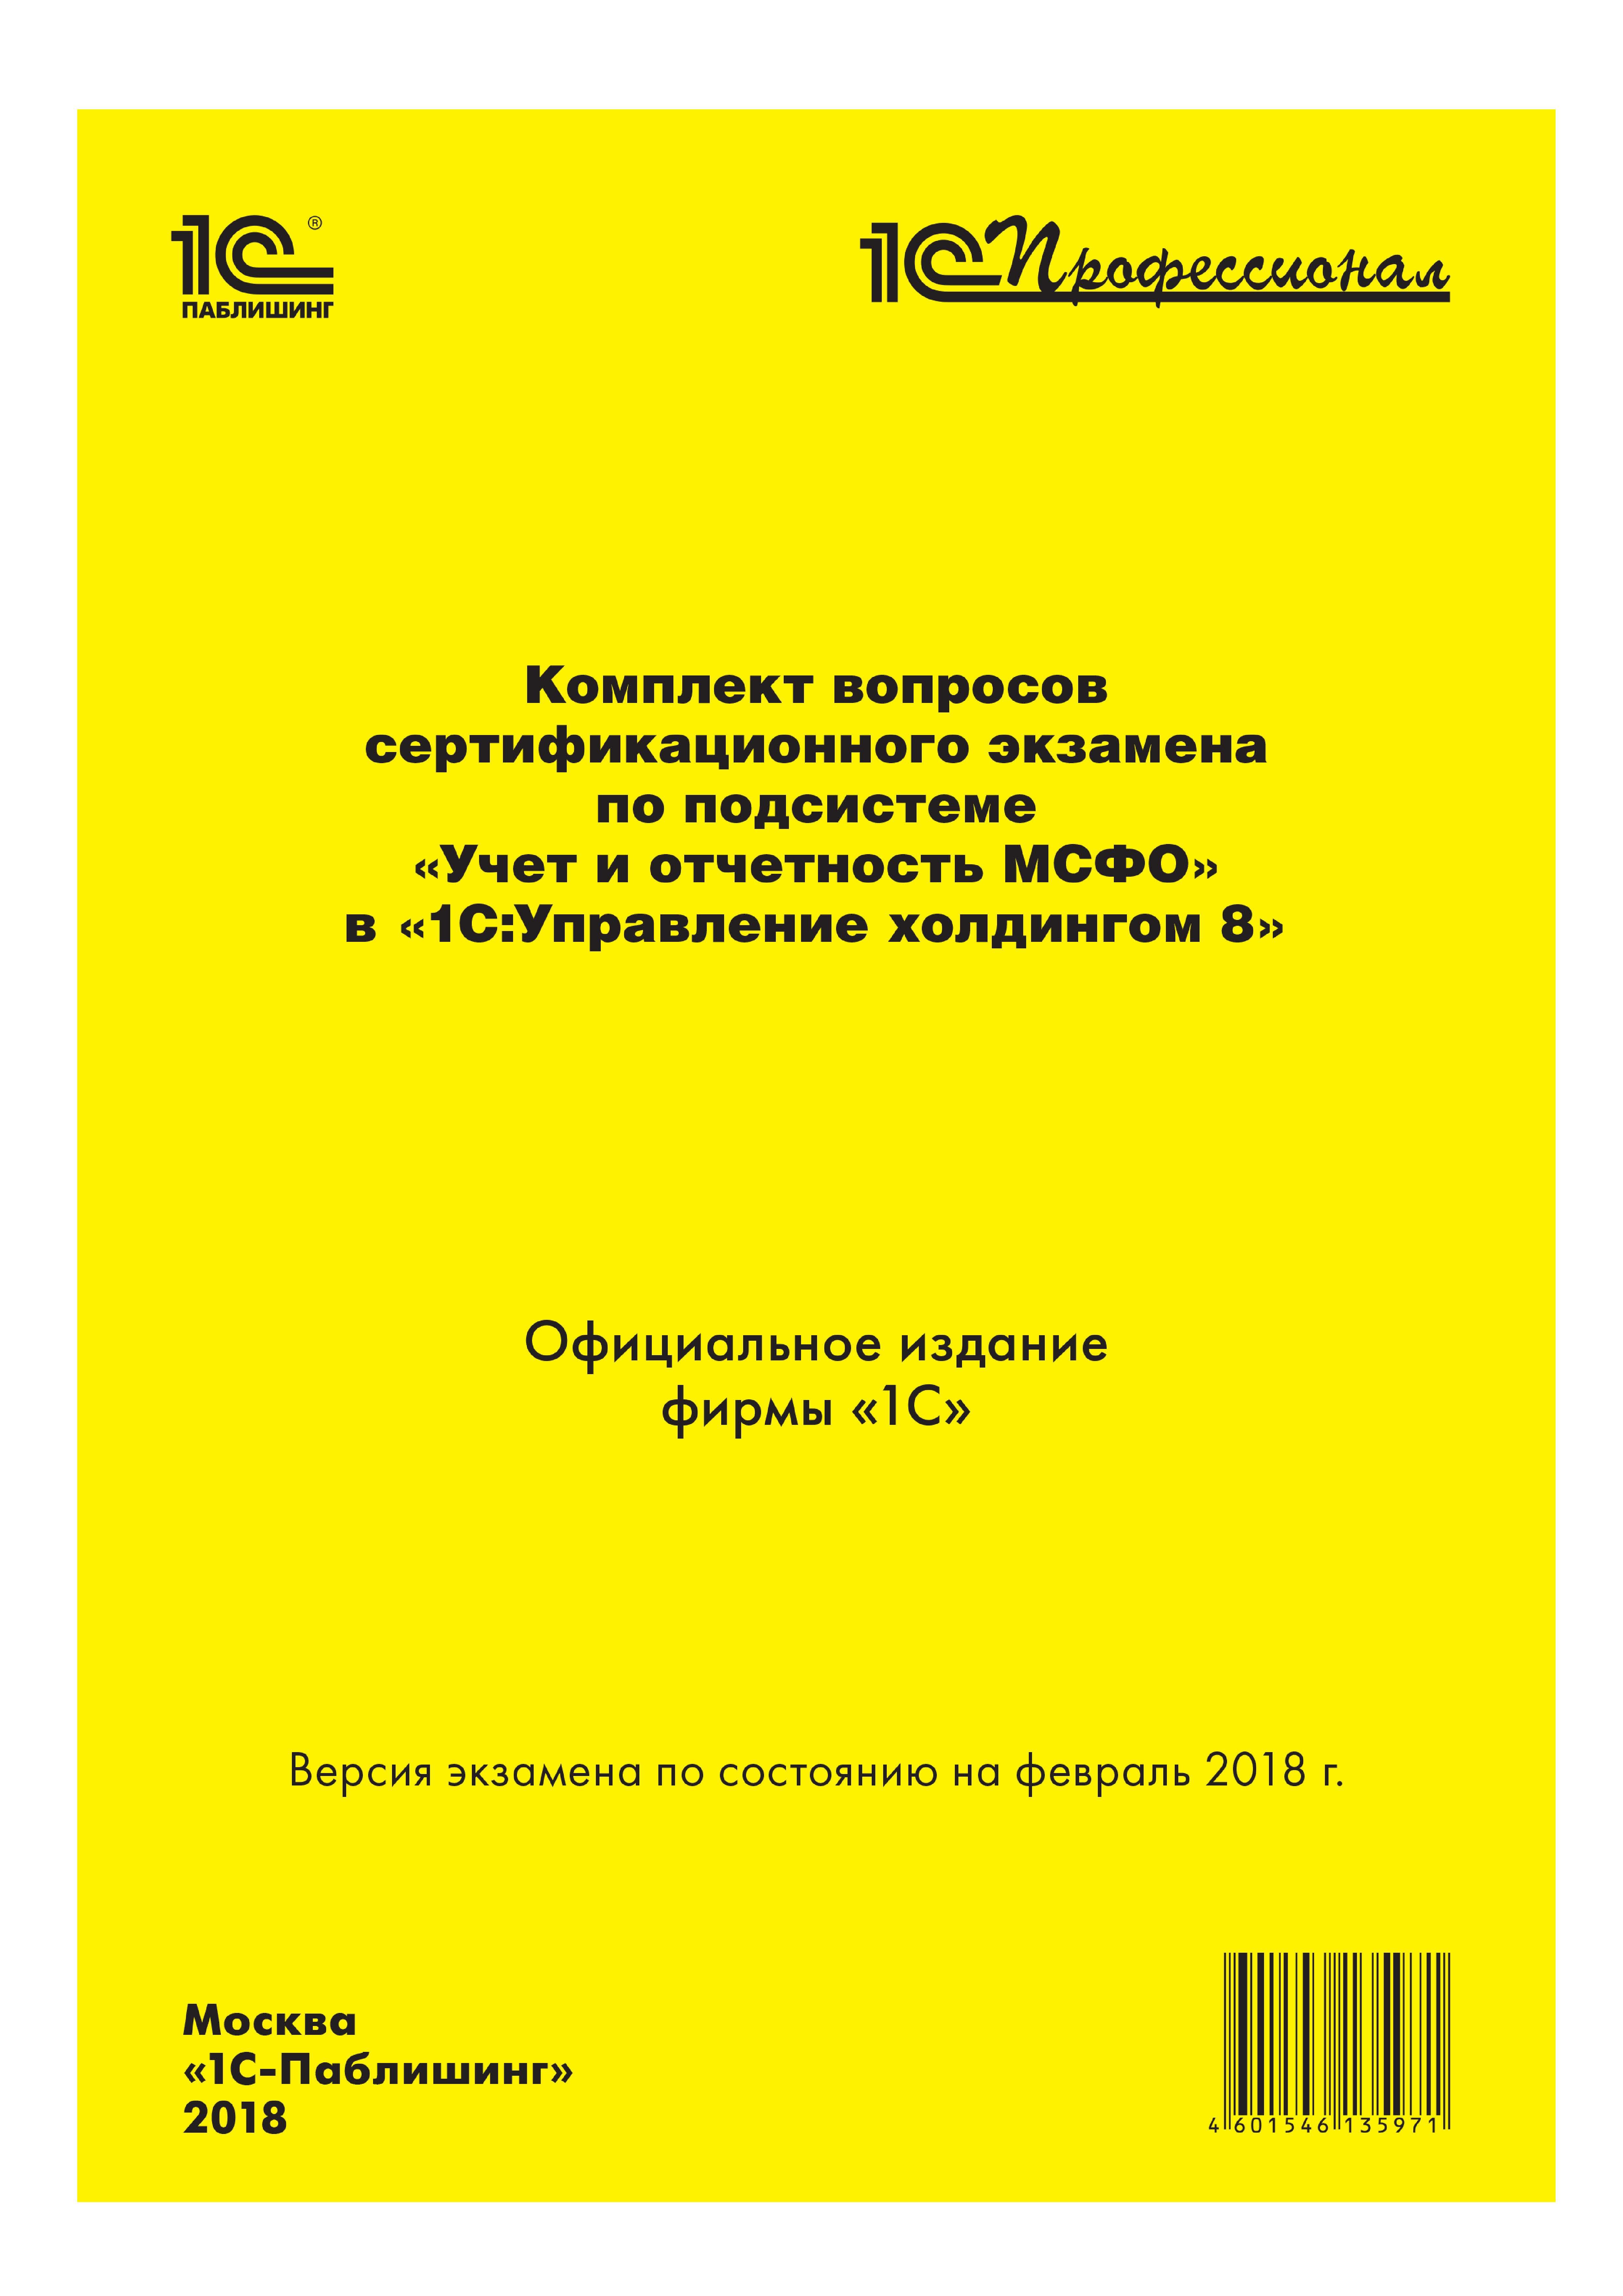 Купить книгу Комплект вопросов сертификационного экзамена «1С:Профессионал» по подсистеме «Международный финансовый учет» в «1С:Управление холдингом 8» с примерами решений, автора